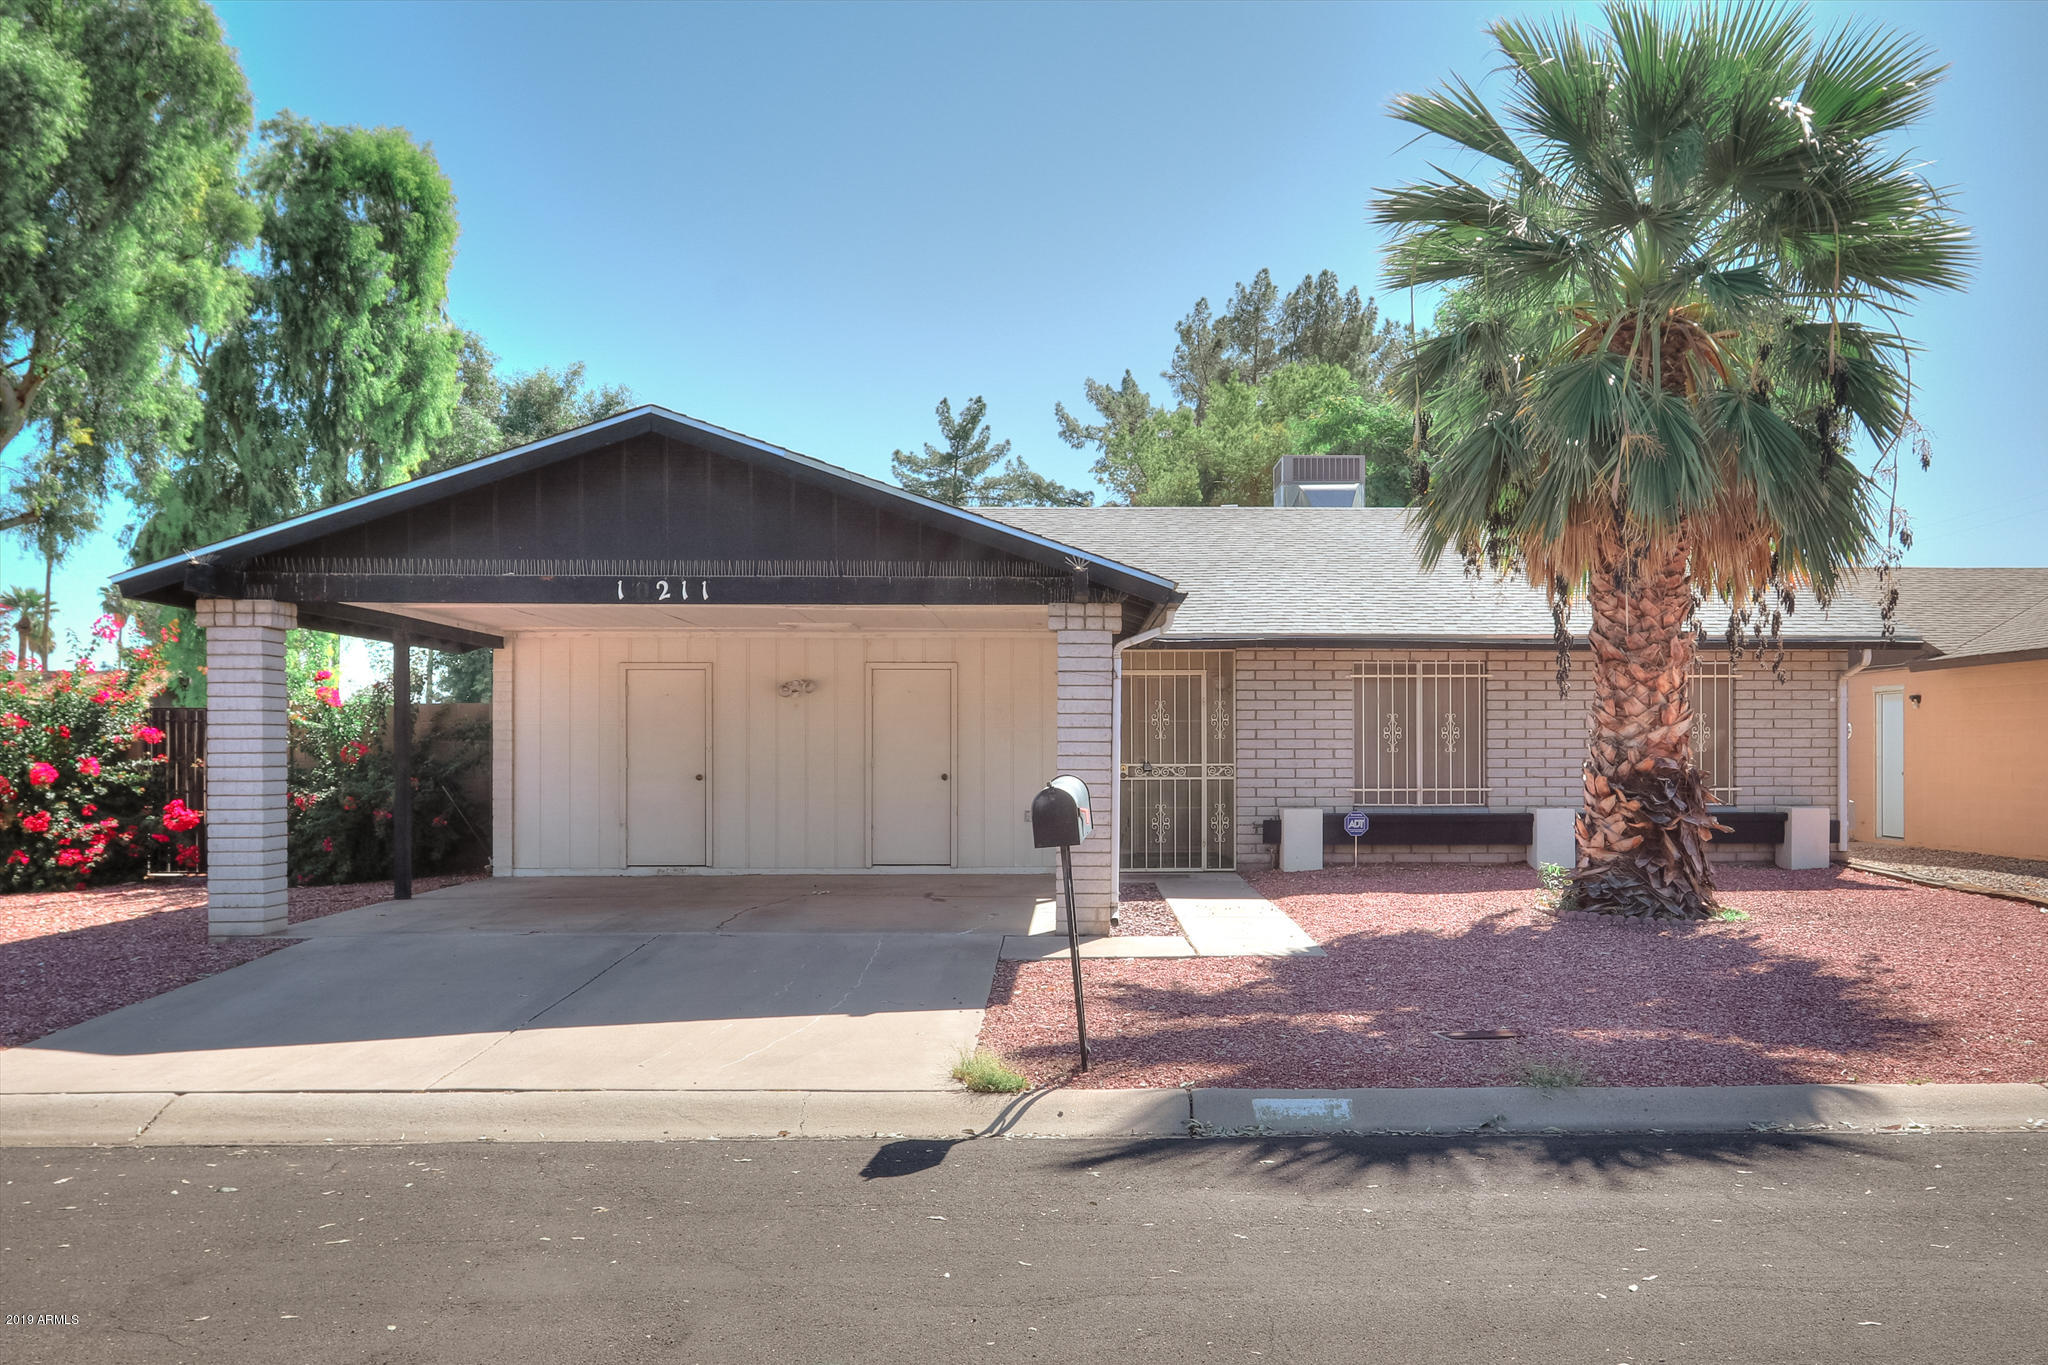 Photo of 10211 N 41st Avenue, Phoenix, AZ 85051